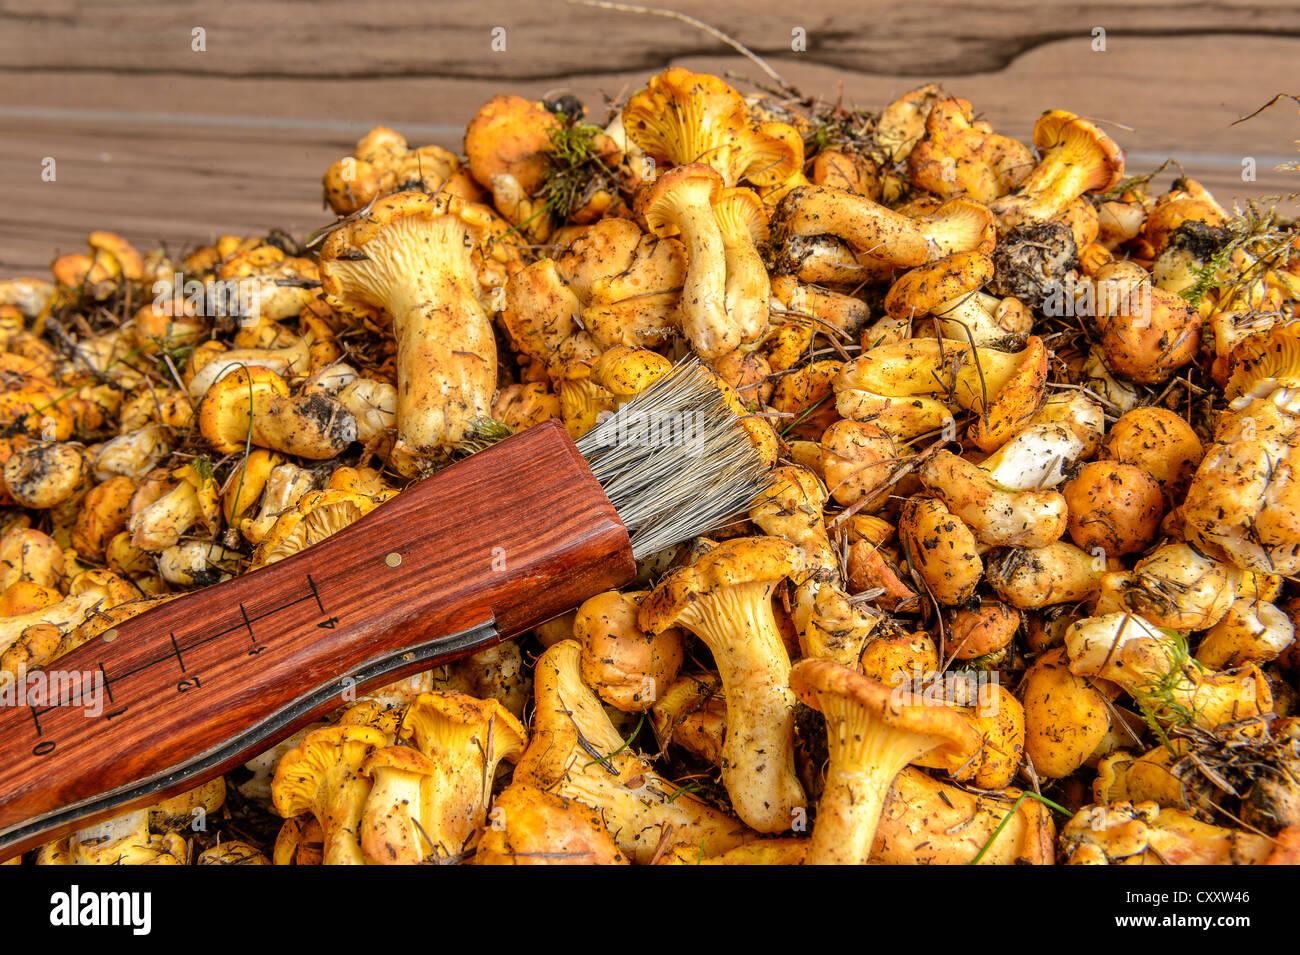 Frischen Pfifferlingen oder golden Pfifferlinge (Eierschwämmen Cibarius), ungereinigte, mit einem Pilz Pinsel Stockbild